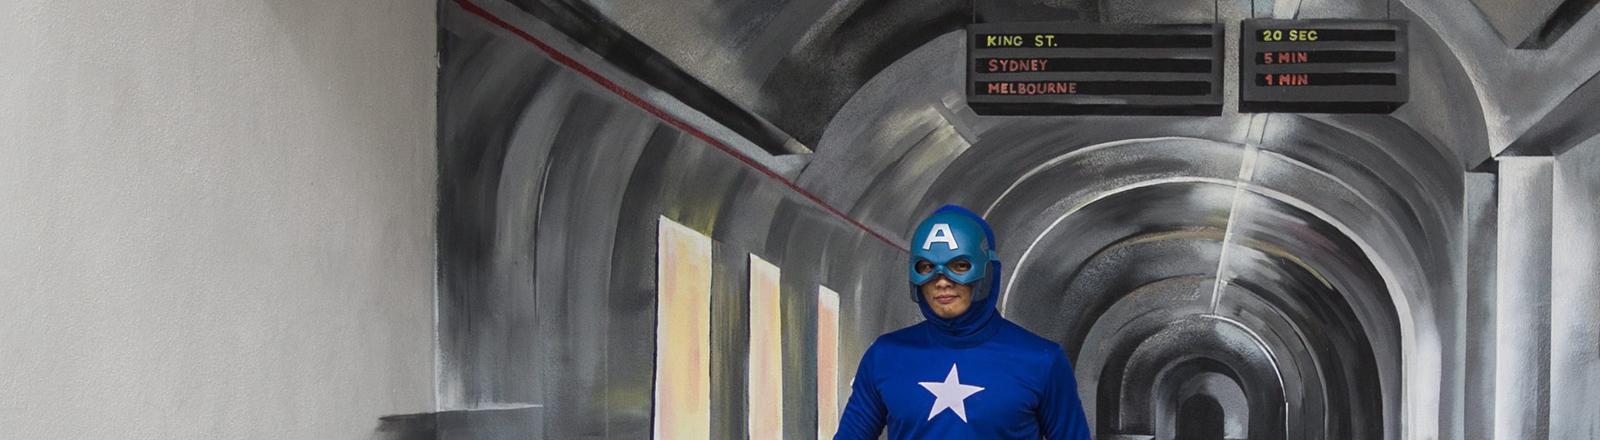 Ein Mann, der als Captain America verkleidet ist